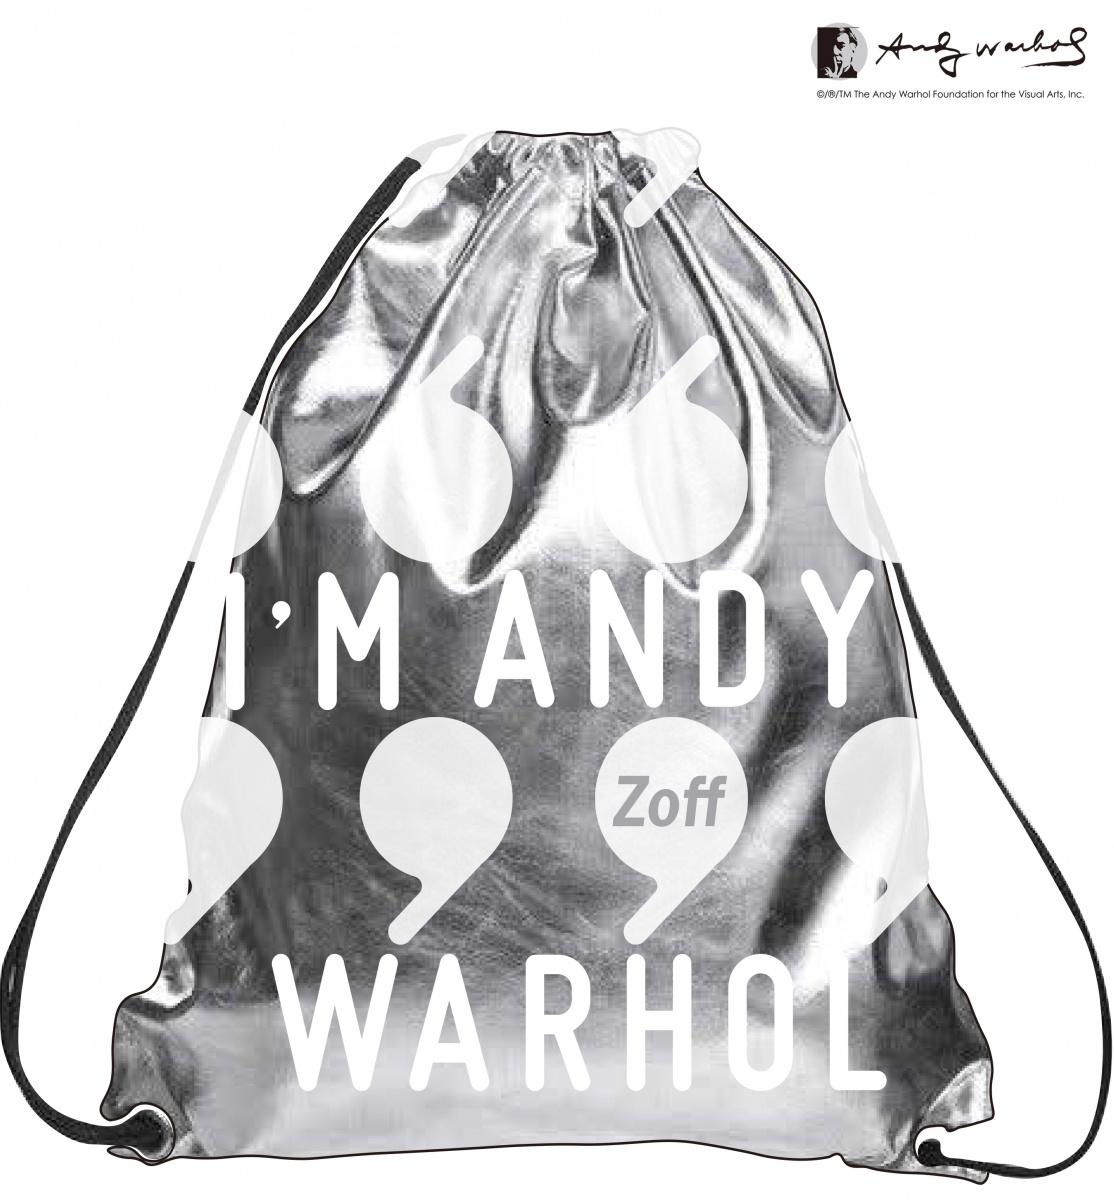 アンディ・ウォーホルをテーマにした、「 誰もが主役になれる」ゾフのアイウエアは超ユニーク!